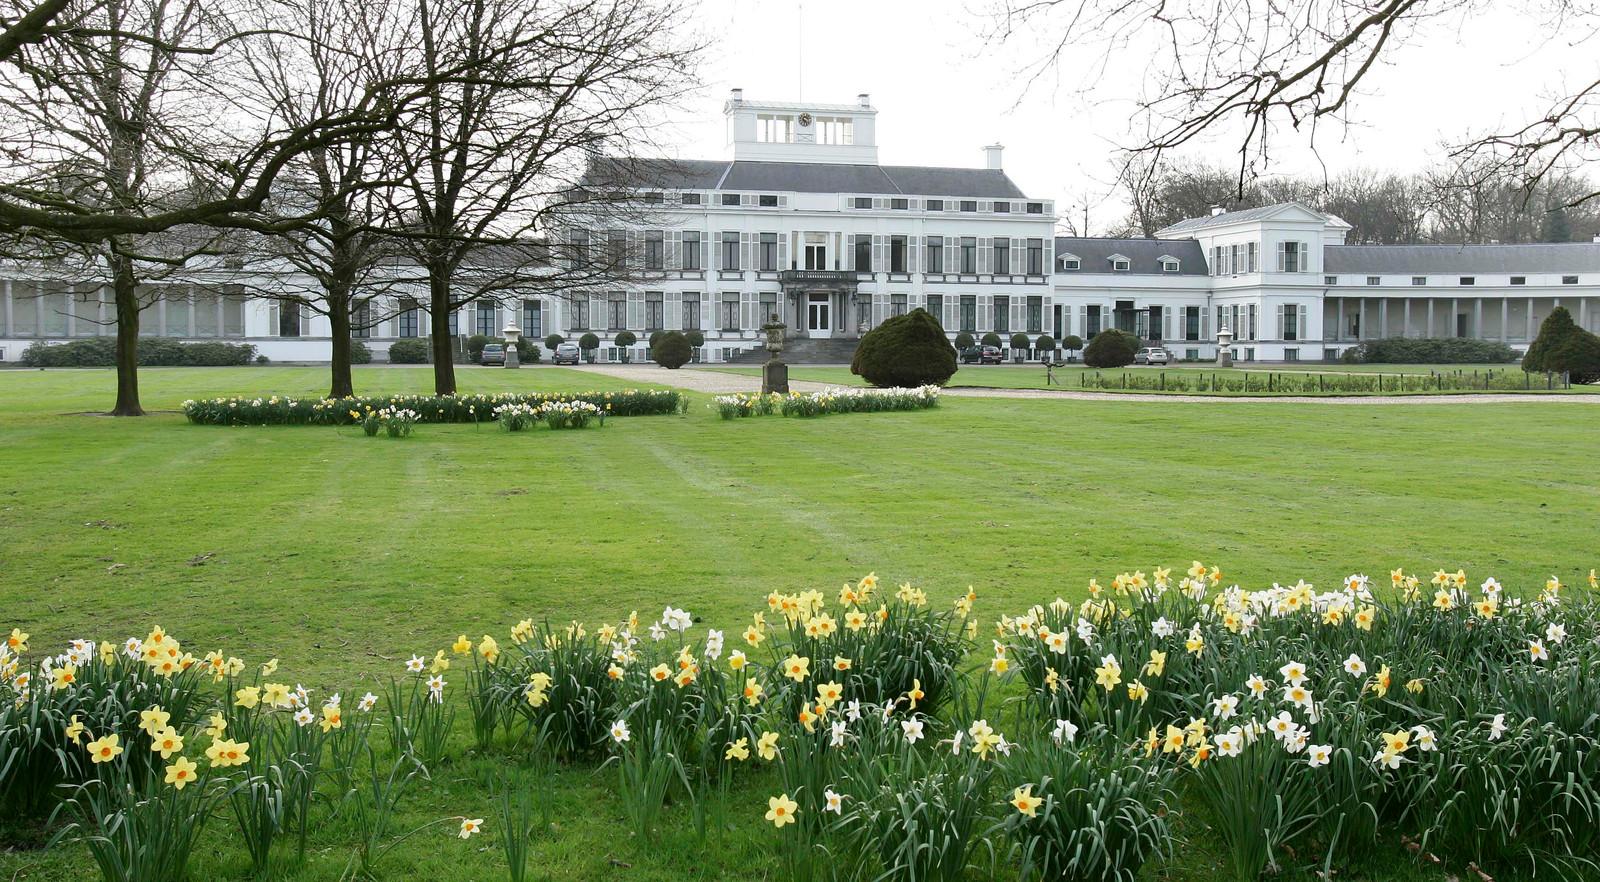 Paleis Soestdijk heropent deze zomer de koninklijke tuinen. De opening gaat in vanaf 1 juli en is voor twee dagen in de week: woensdag en vrijdag. Onder begeleiding kunnen de tuinen dan worden bezocht.